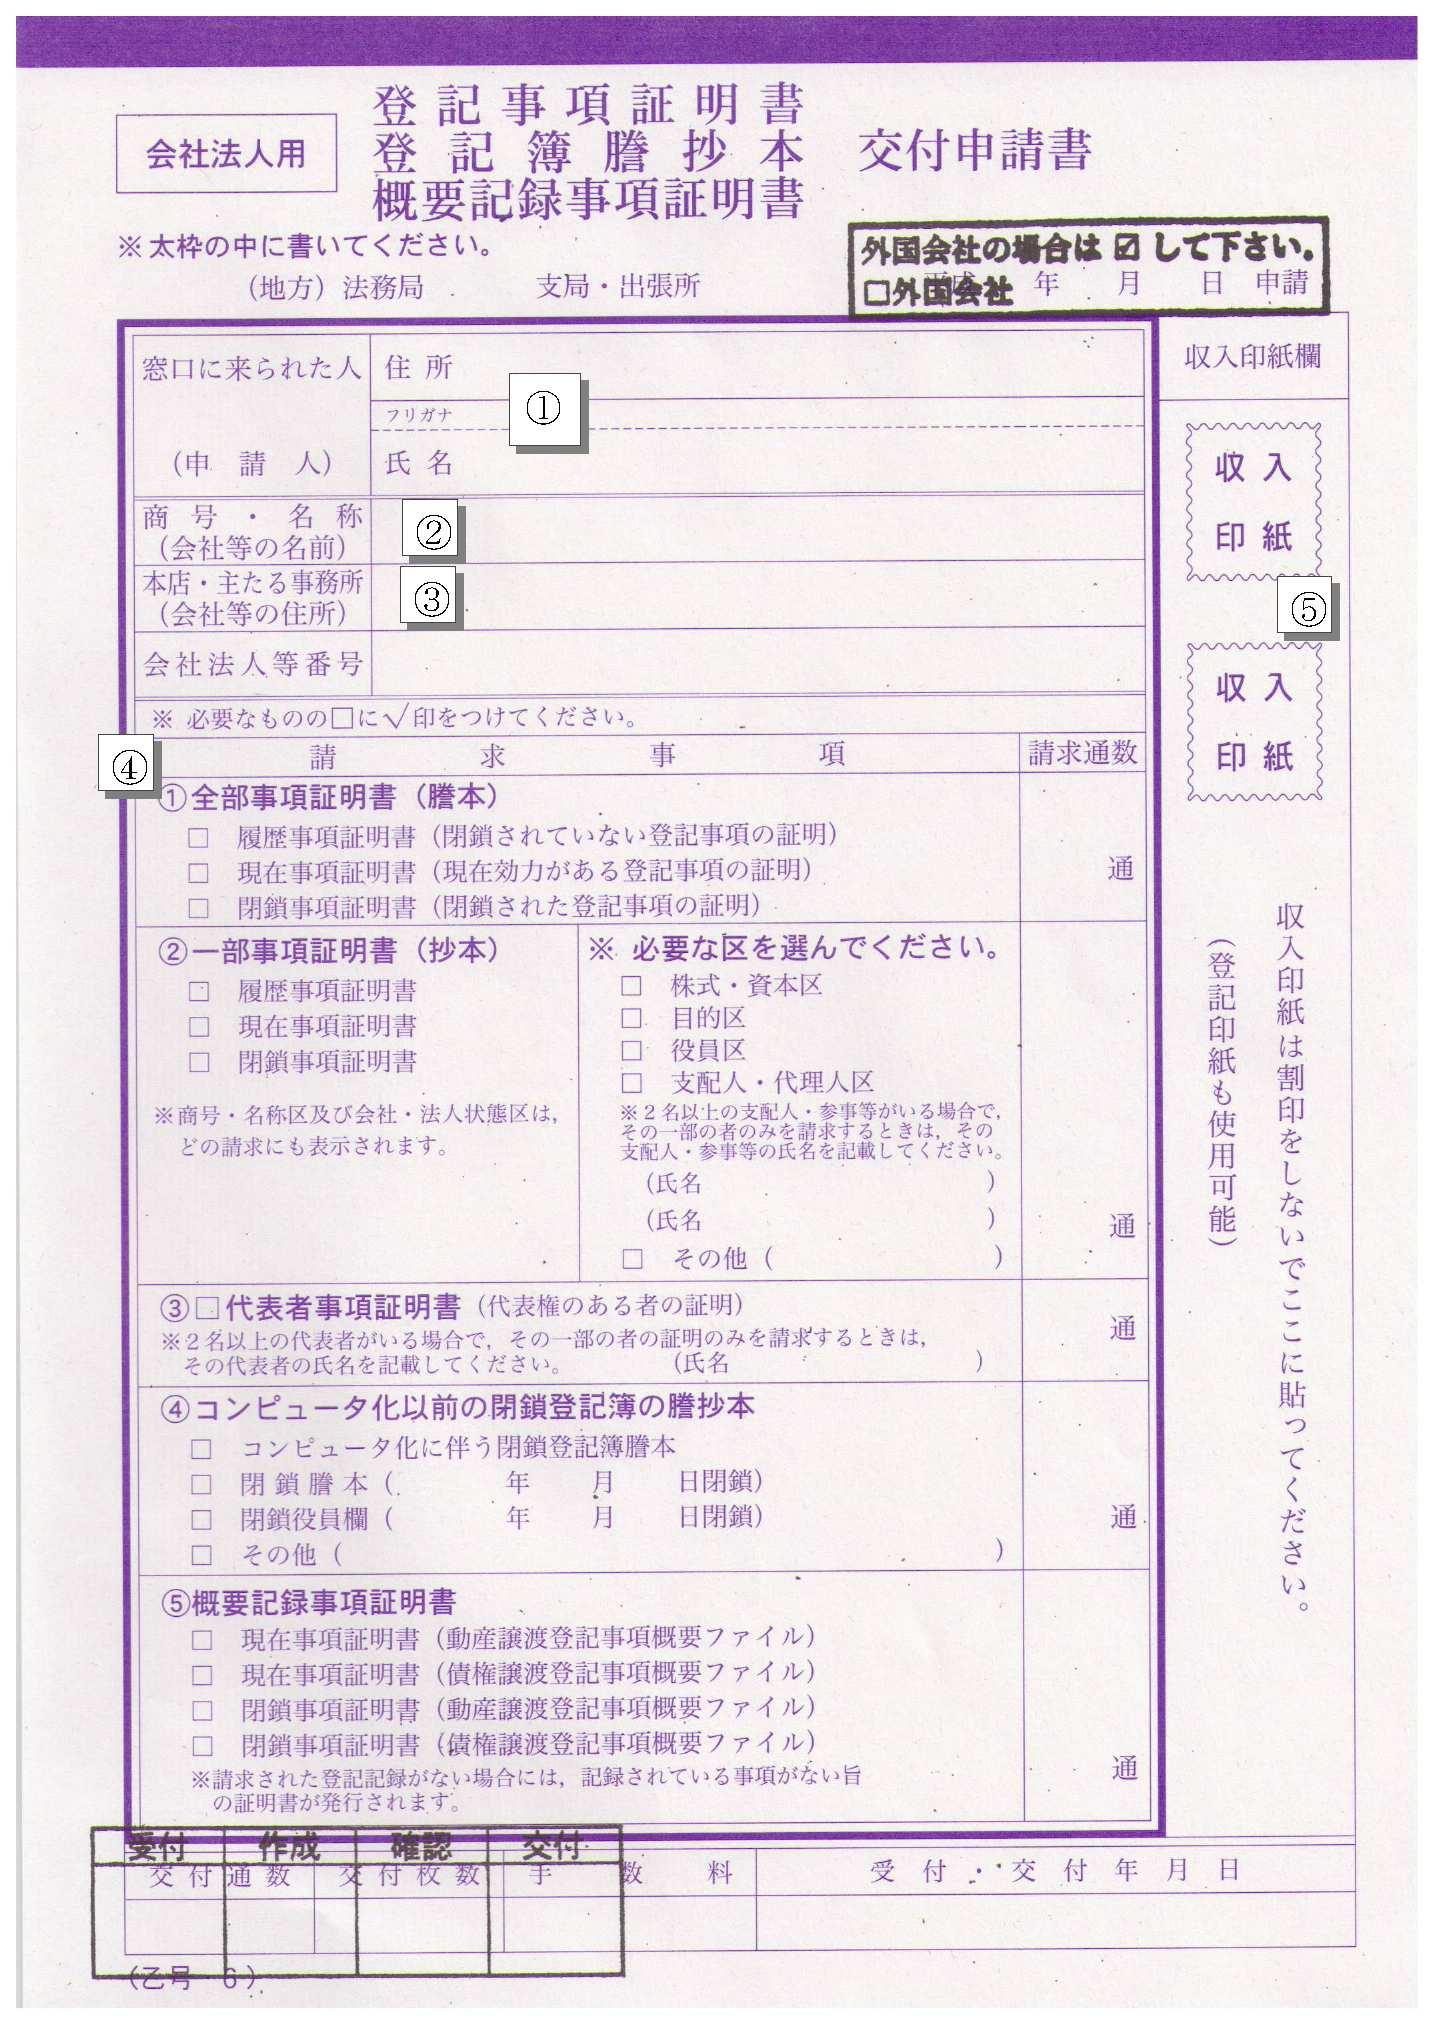 会社(法人)登記簿謄本の取得方法② (担当司法書士 posted on 8月 19th, 2012 )